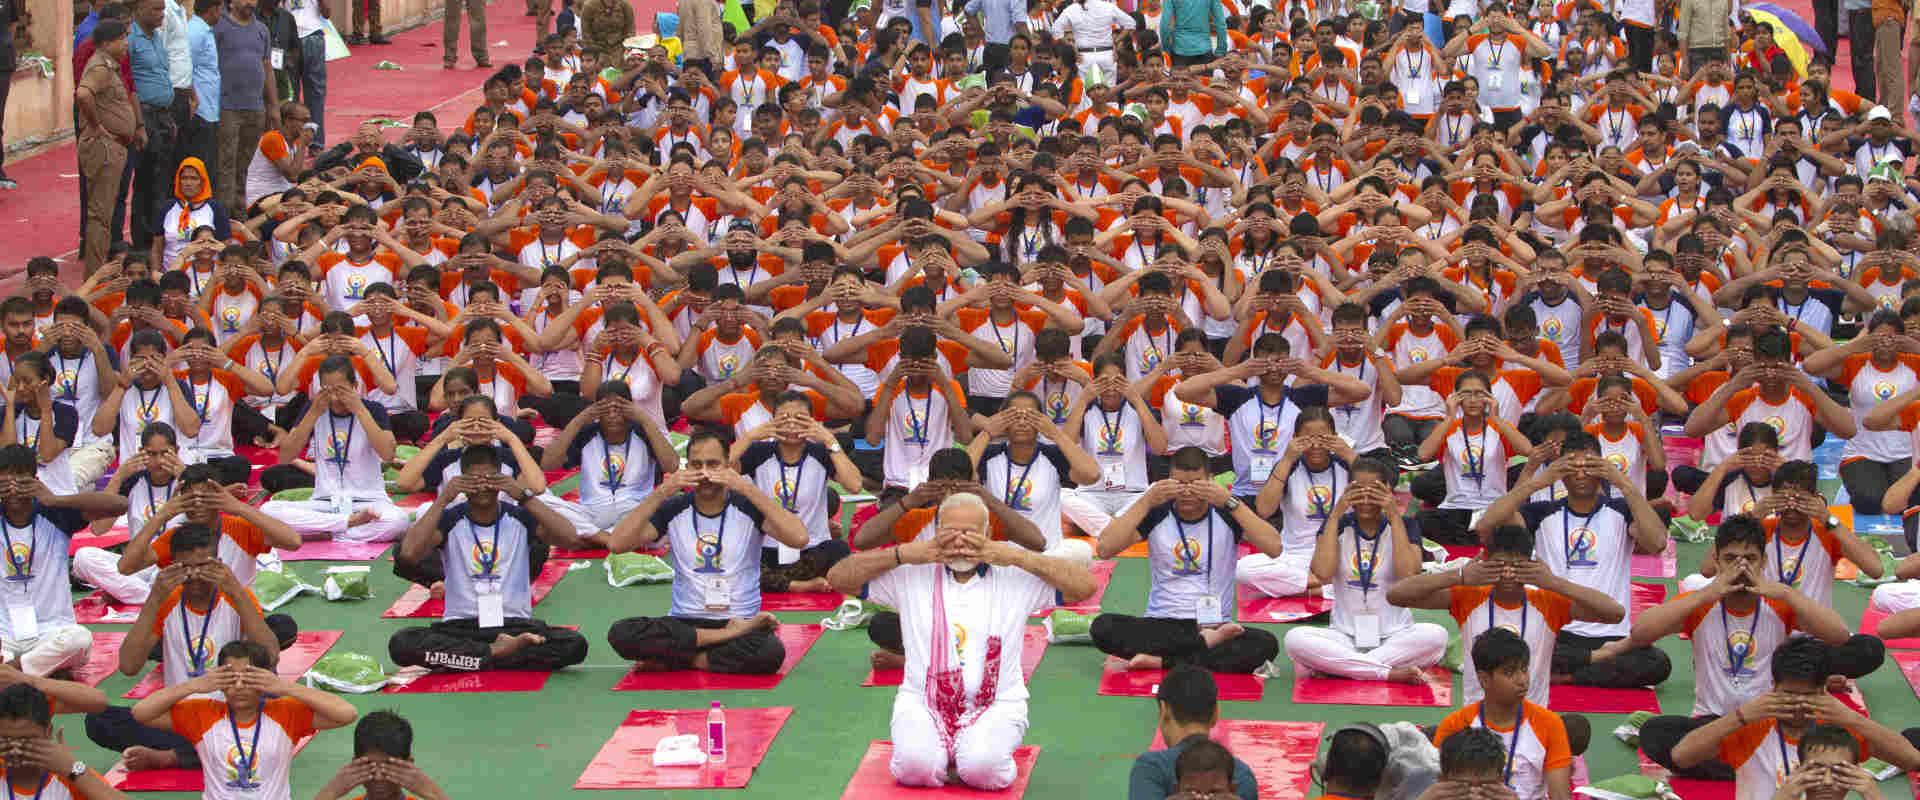 יום היוגה הבינלאומי בהודו, אתמול